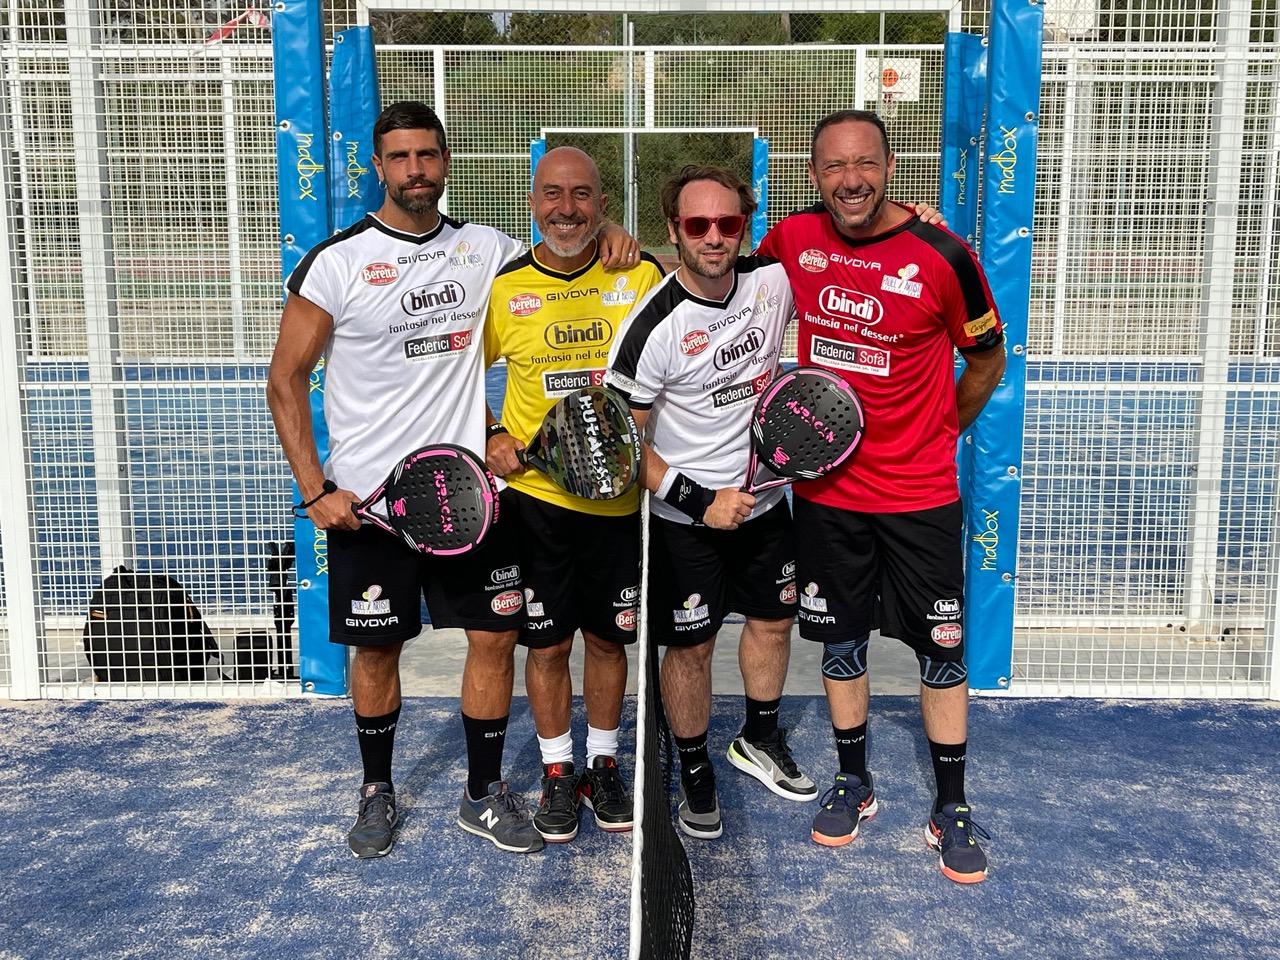 Gilles Rocca, Roberto Ciufoli, Ludovico Fremont ed Emiliano Ragno